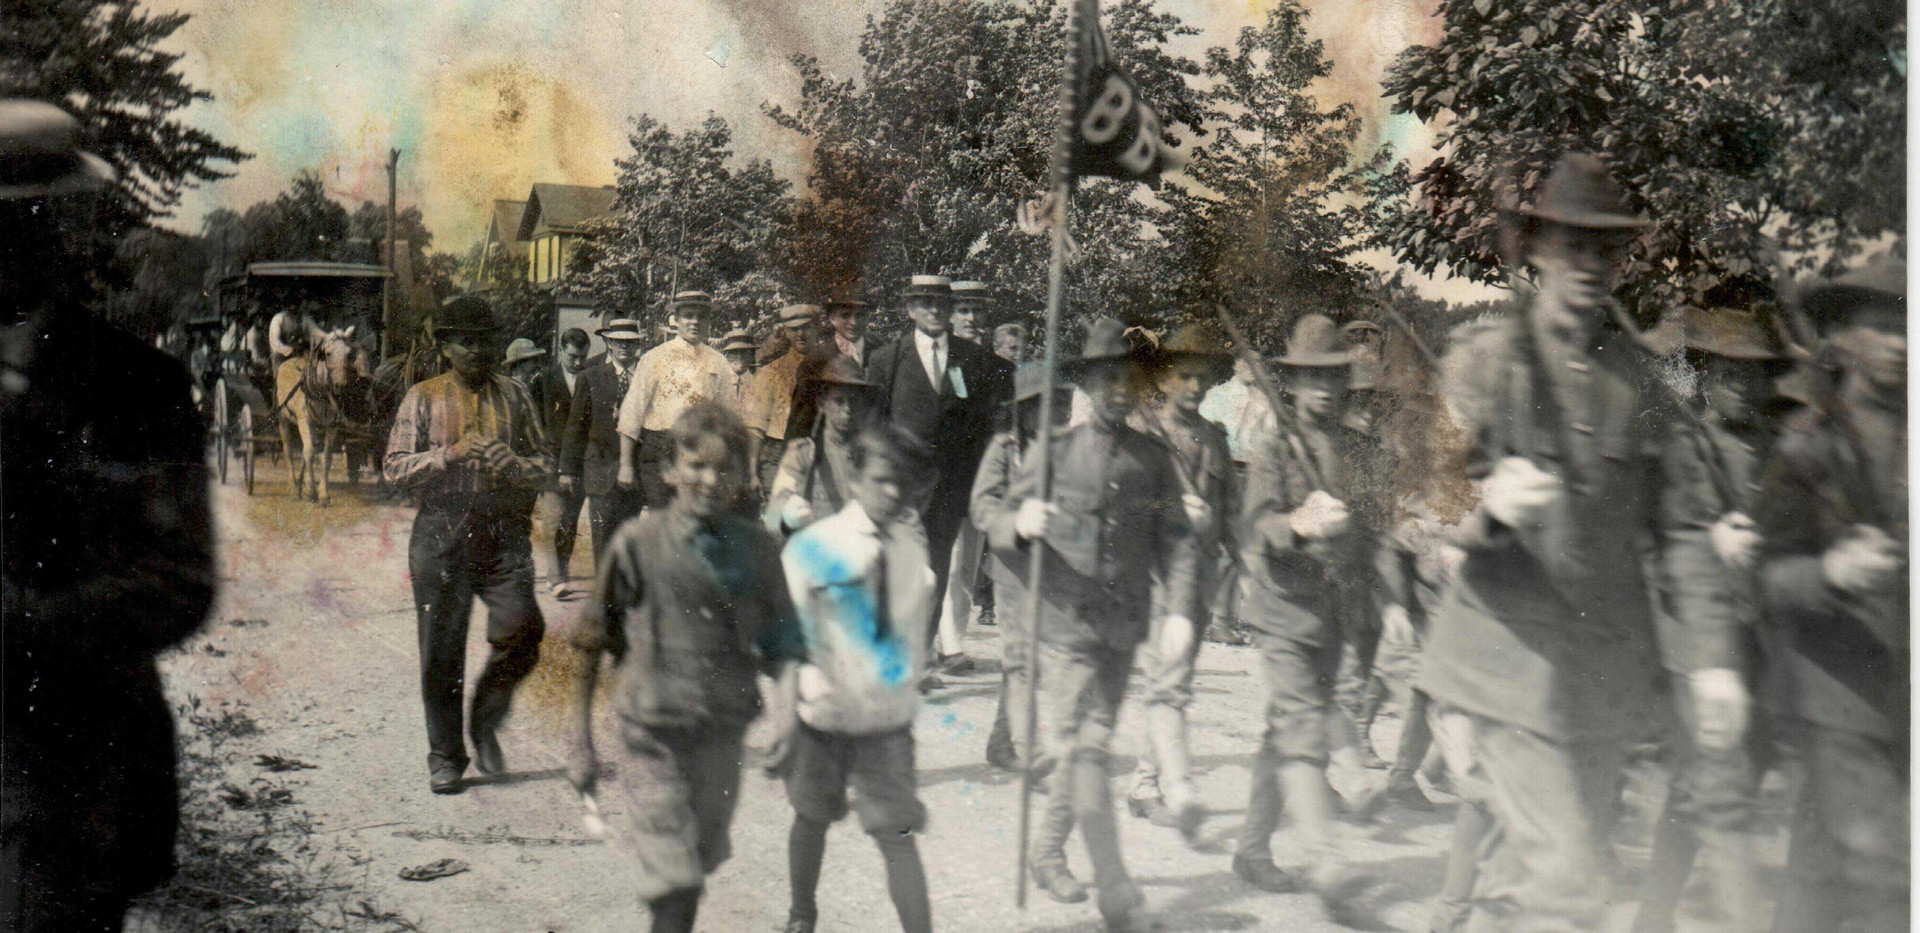 Parade_Hinsdale_Gaurd_1919.jpg